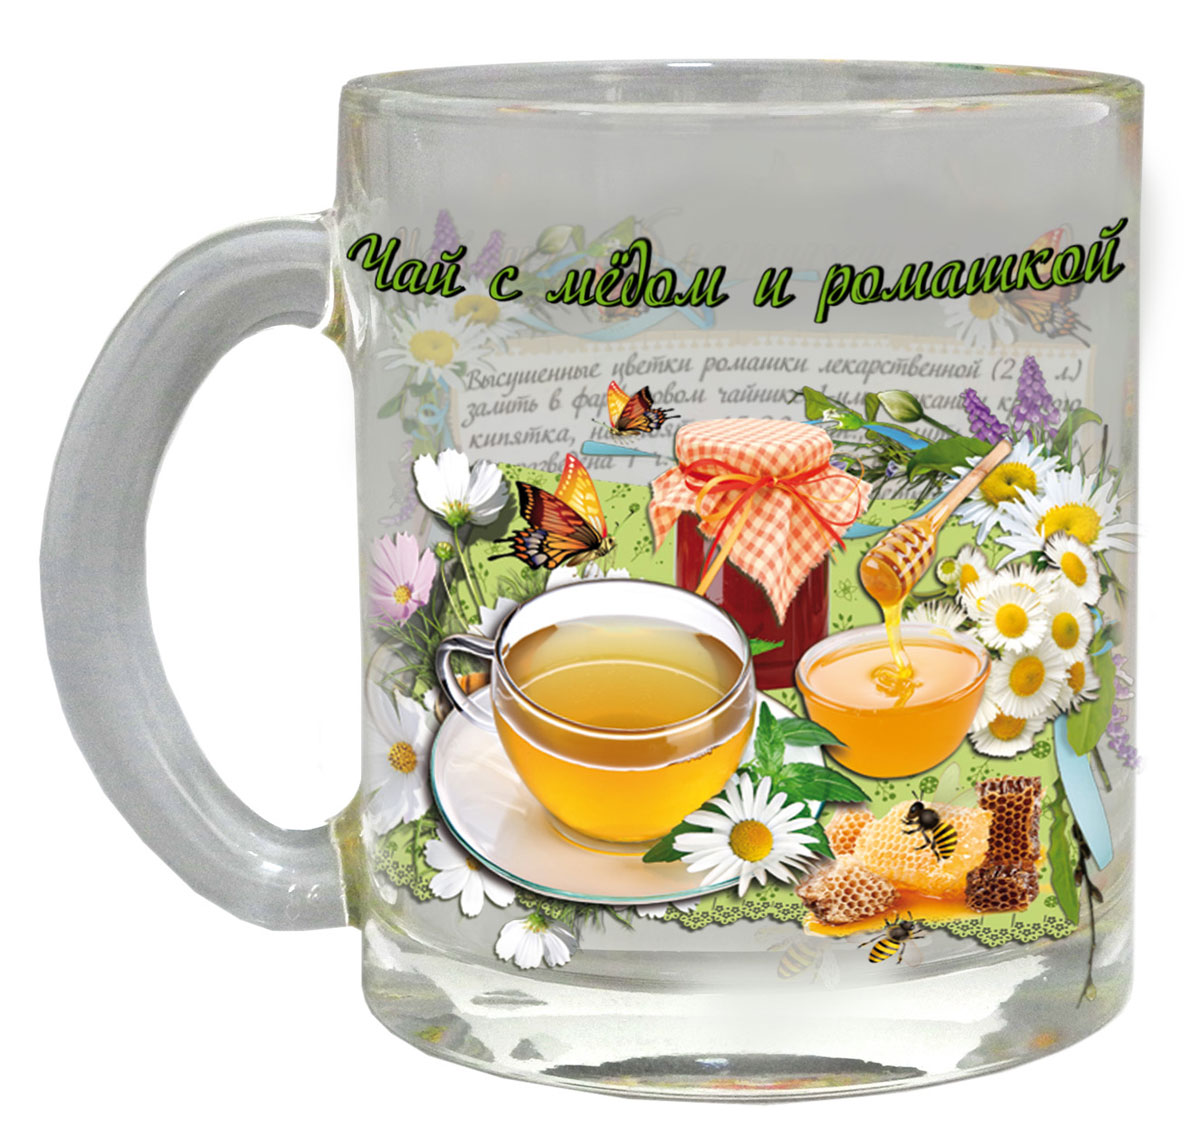 """Кружка """"Чай с медом и ромашкой"""" выполнена из стекла. Внешняя сторона оформлена оригинальным рисунком и надписью.Кружка сочетает в себе оригинальный дизайн и функциональность. Благодаря такой кружке пить напитки будет еще вкуснее."""